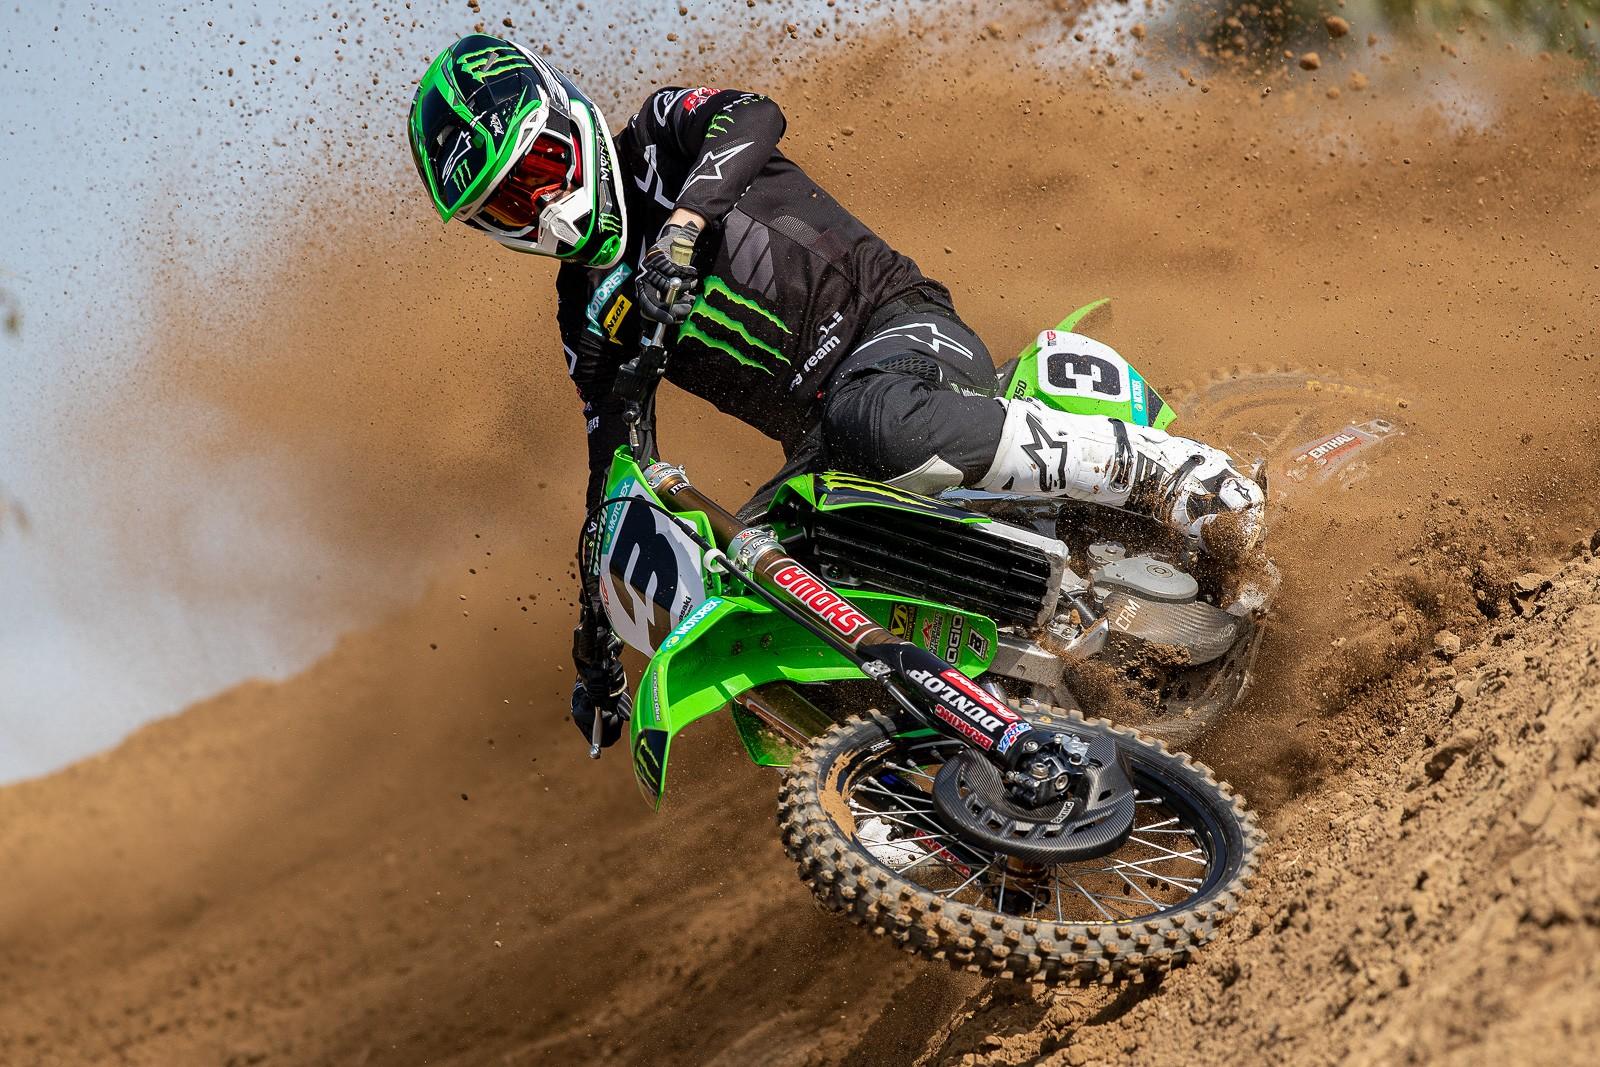 Romain Febvre - 2020 Monster Energy KRT Team Preview - Motocross Pictures - Vital MX